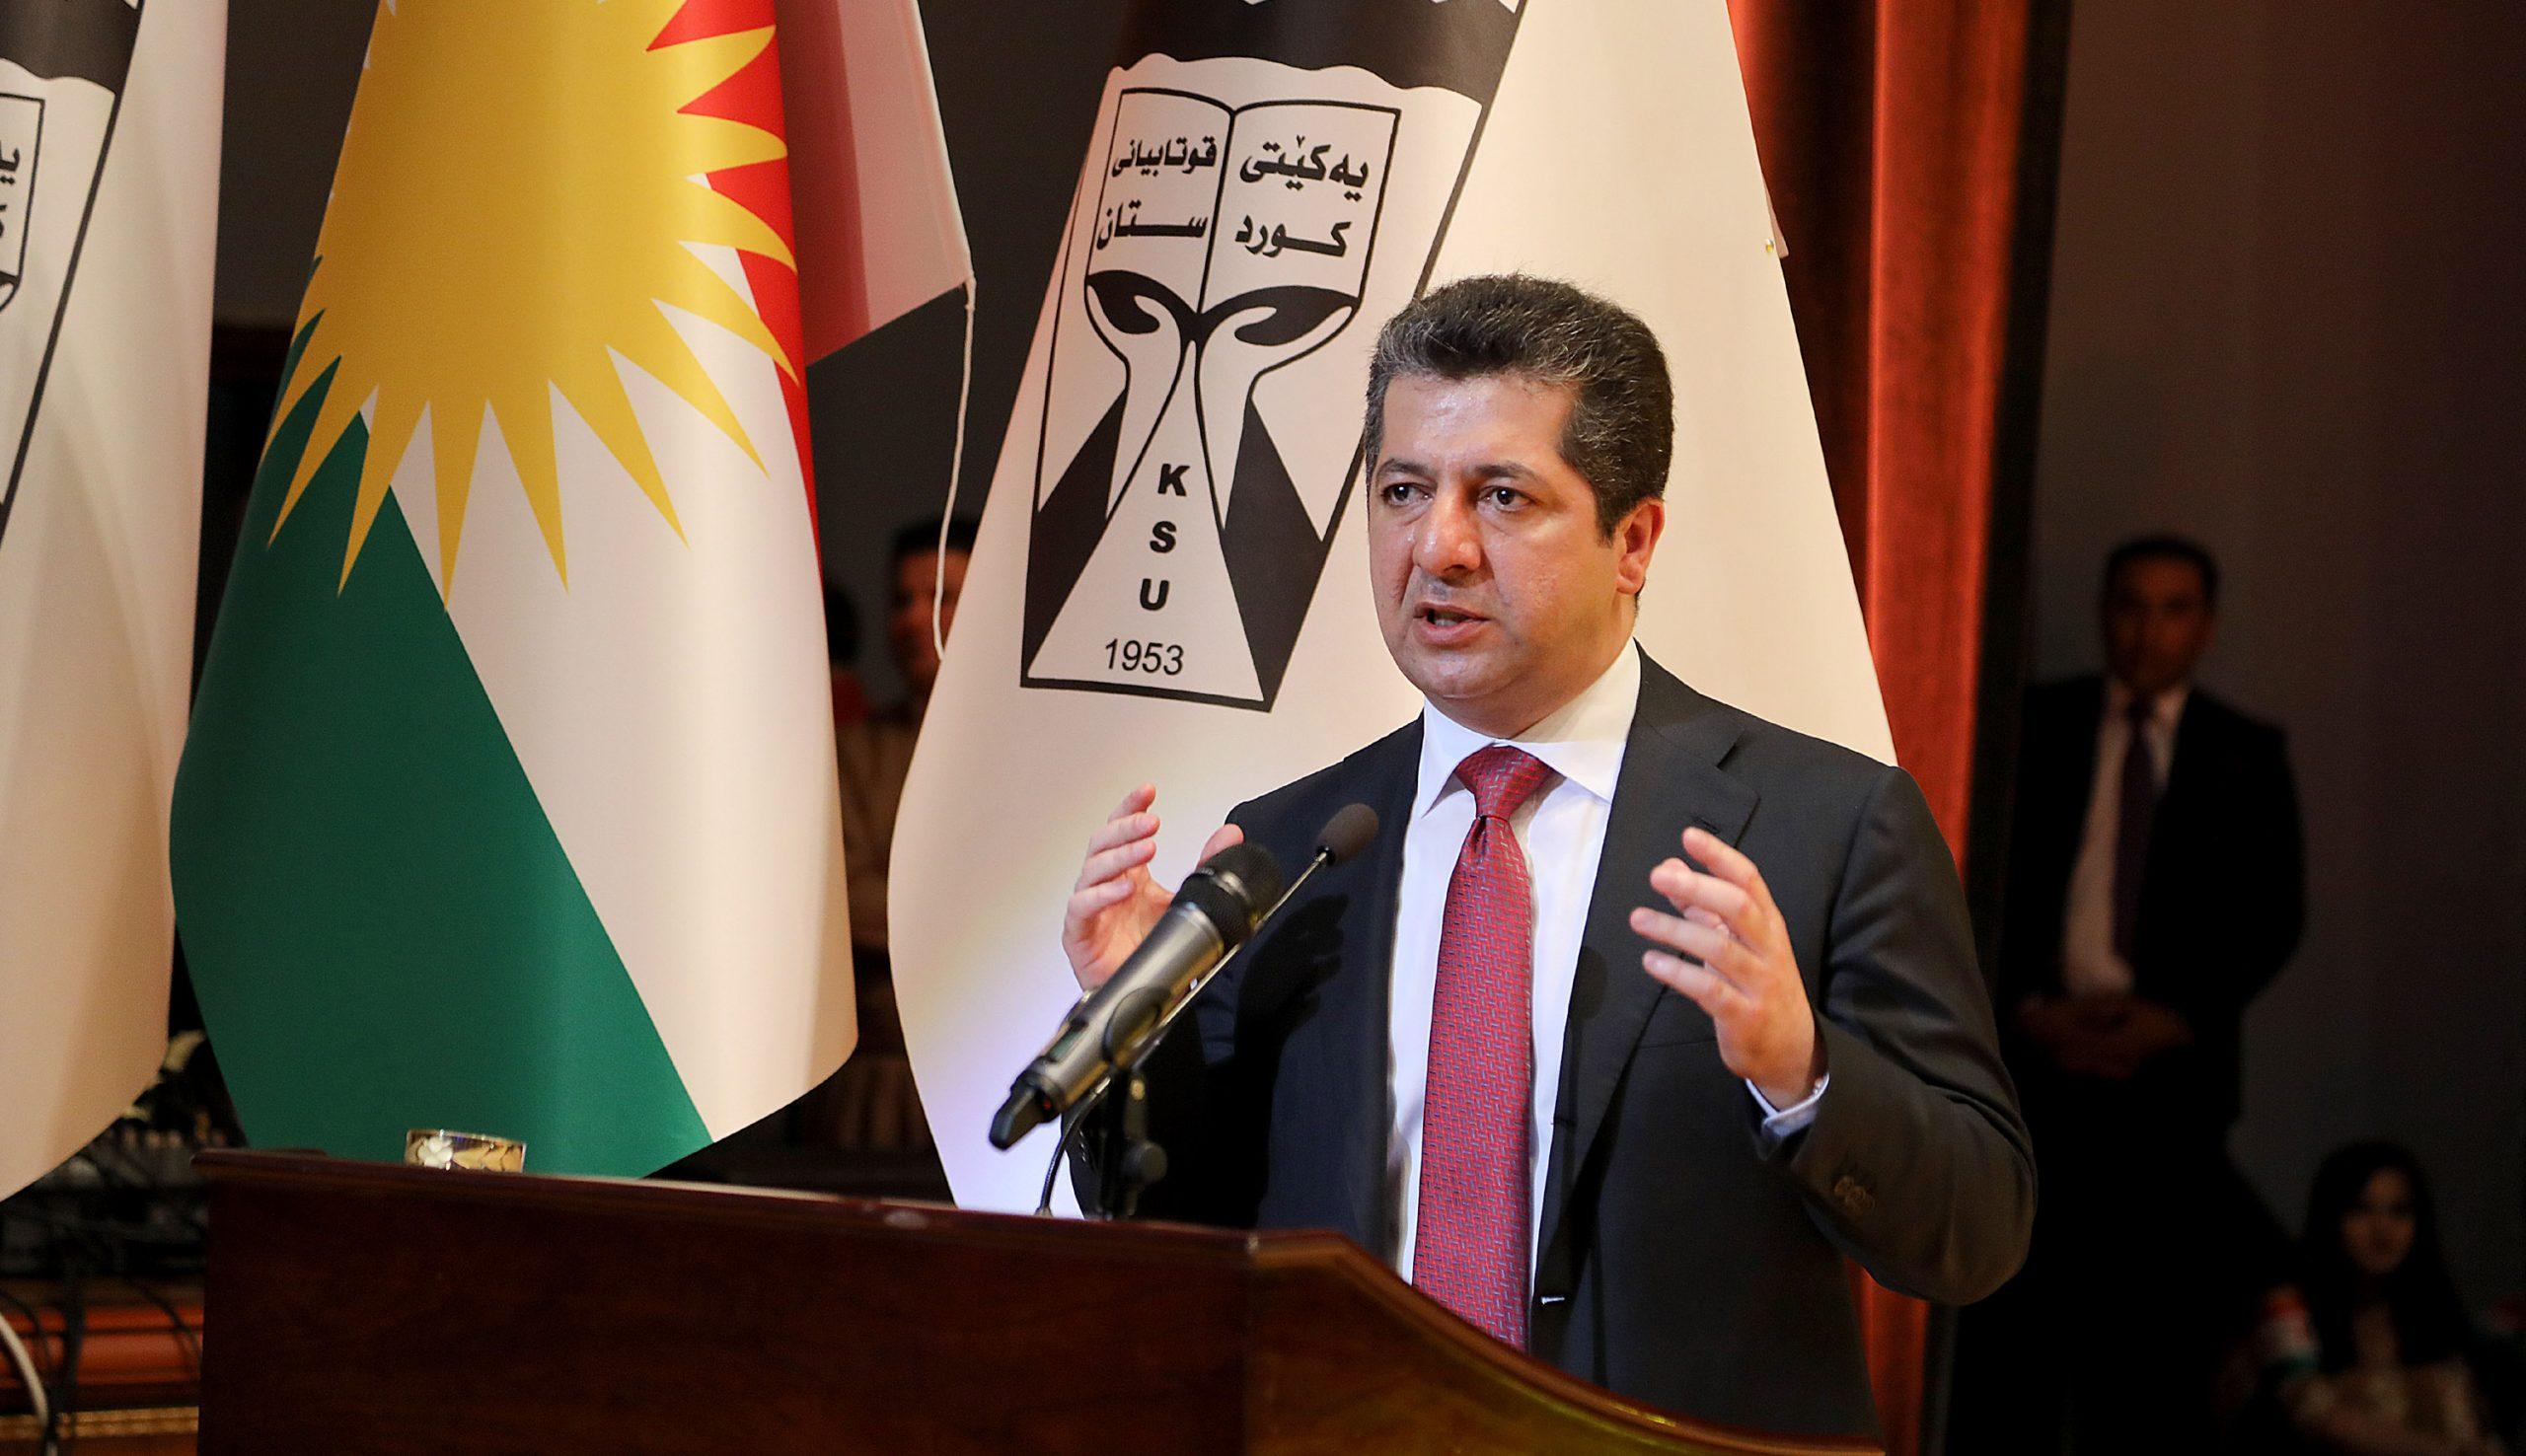 Başbakan Barzani: PKK Şengal'den çıkmadı, Haşdi Şabi , Bağdat, Kazımi, Mesrur barzani